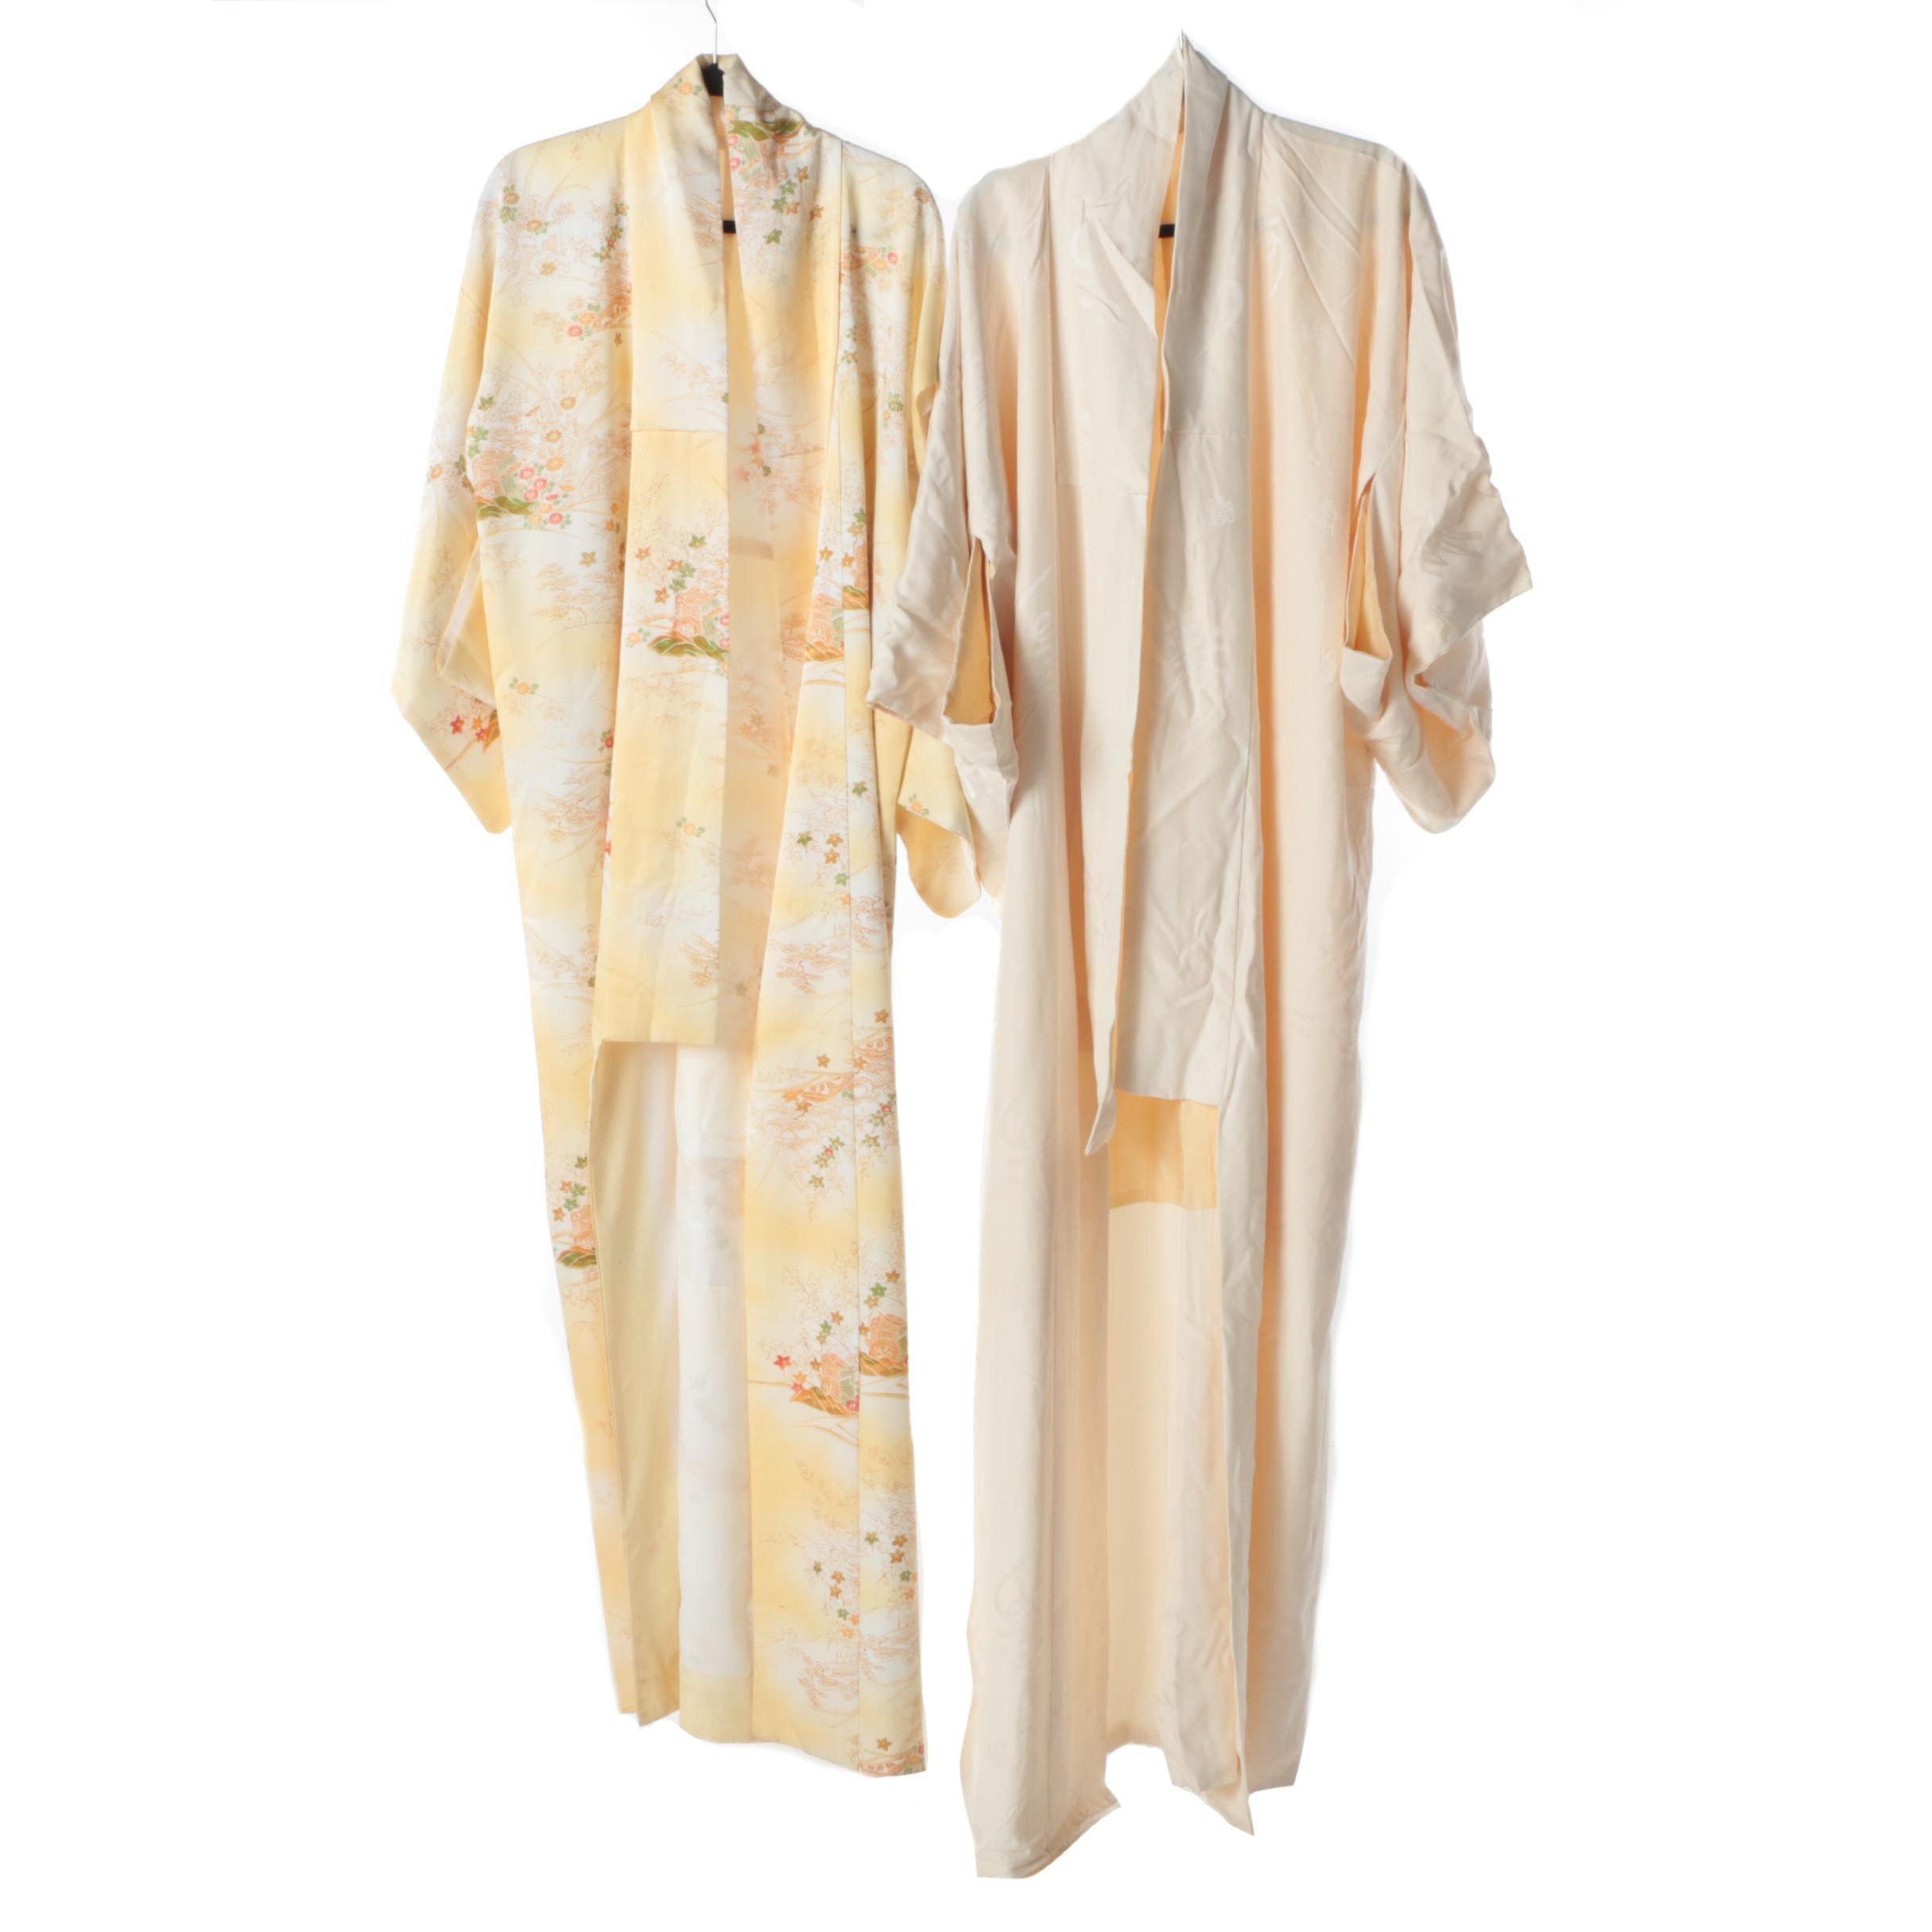 Pair of Vintage Japanese Silk Kimono